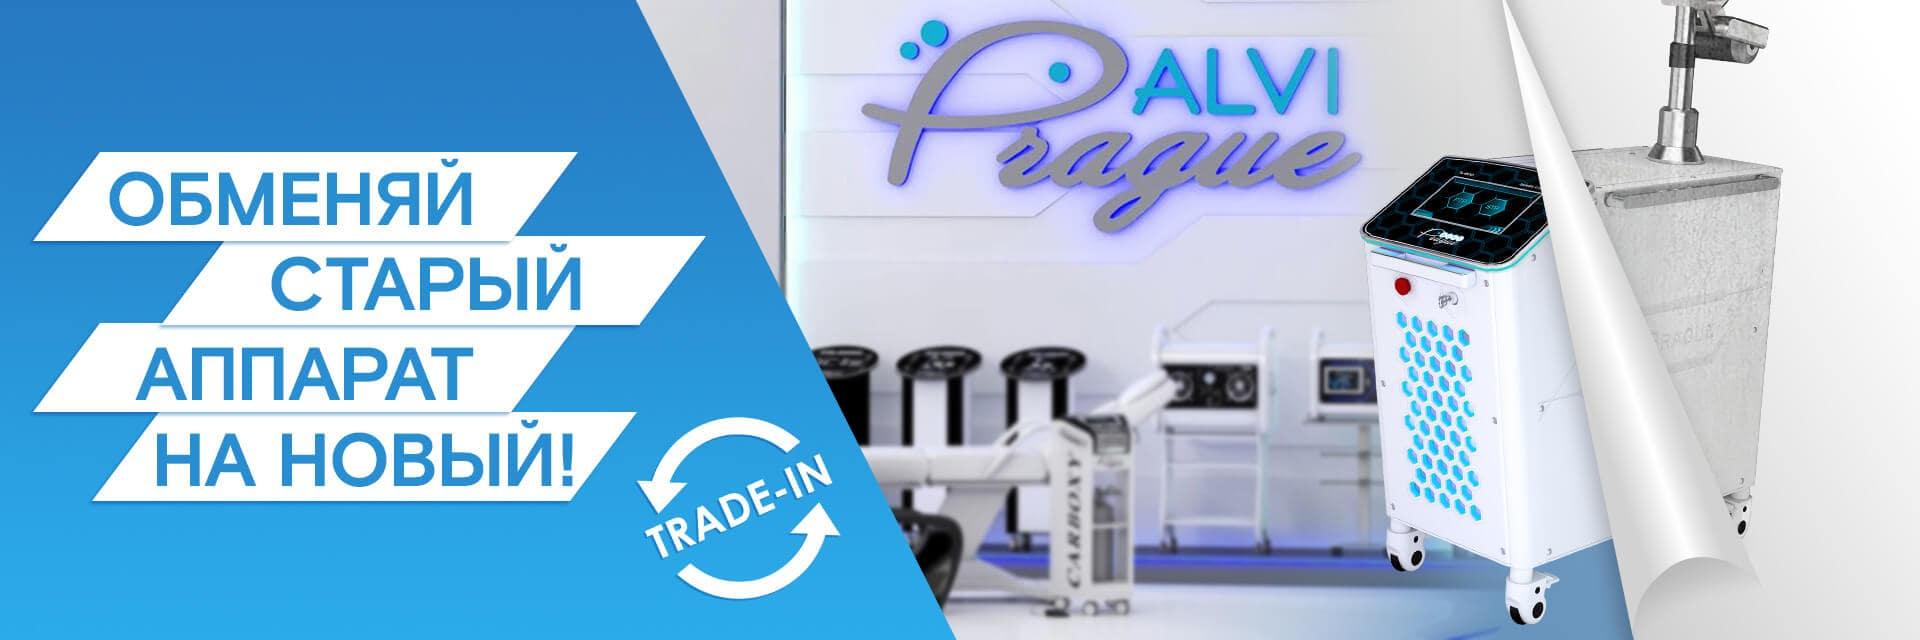 trade-in alvi-prague